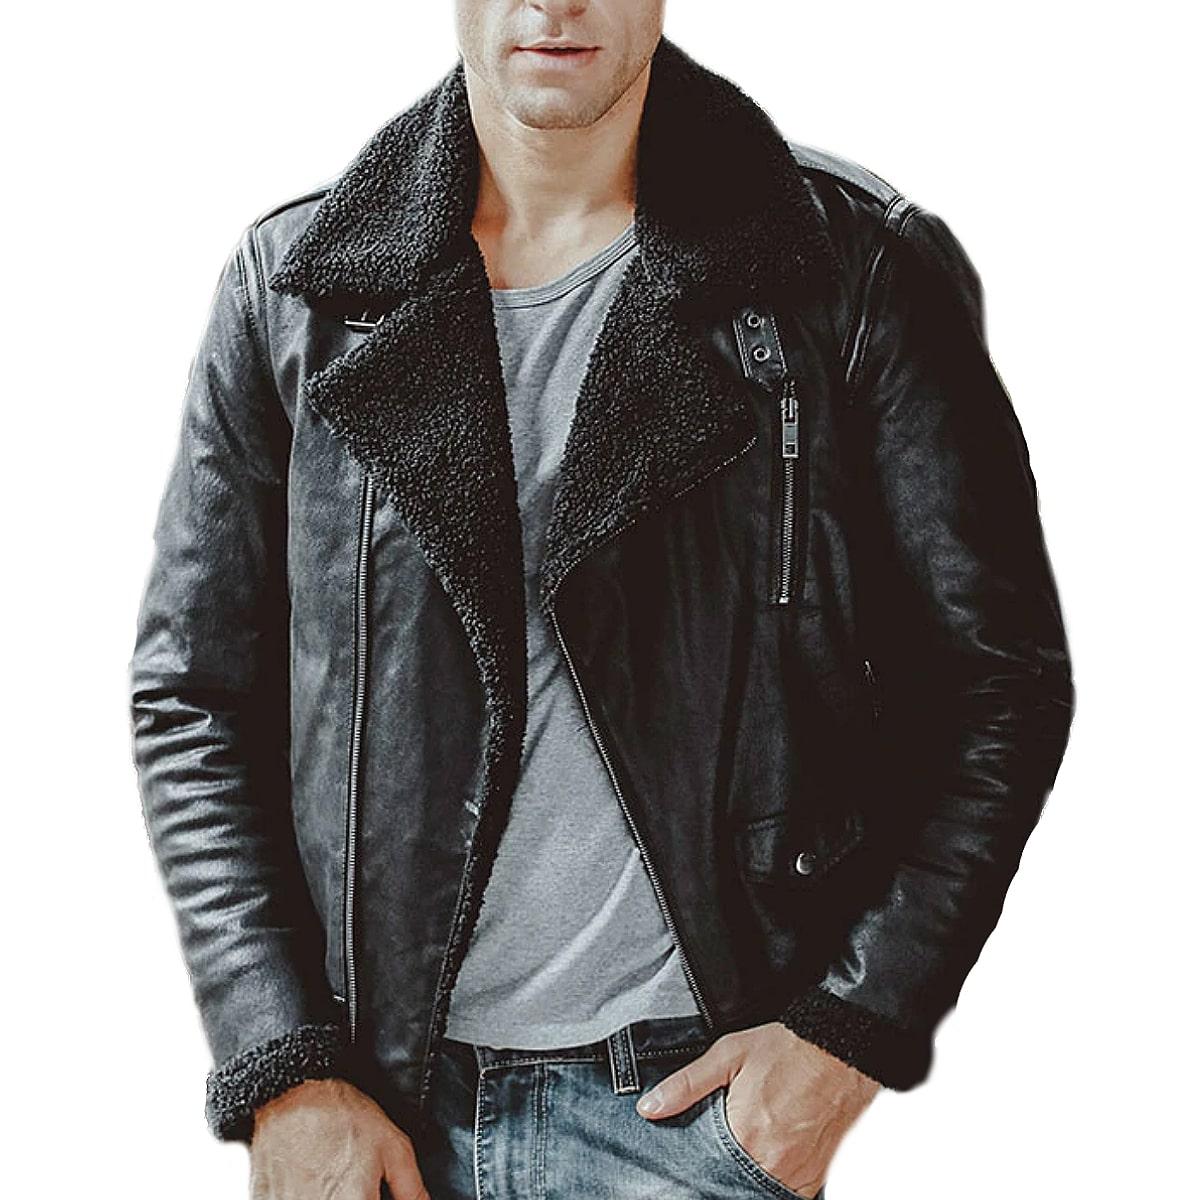 【送料無料!】全2色! 10サイズ! [Men's Vintage Pigskin Genuine Leather Motorcycle Jacket] メンズ ビンテージ ピッグスキン ジェニュインレザー モーターサイクルジャケット! 本革 豚革 フライトジャケット スエード コート ライダース アビエーター アウター バイクに!